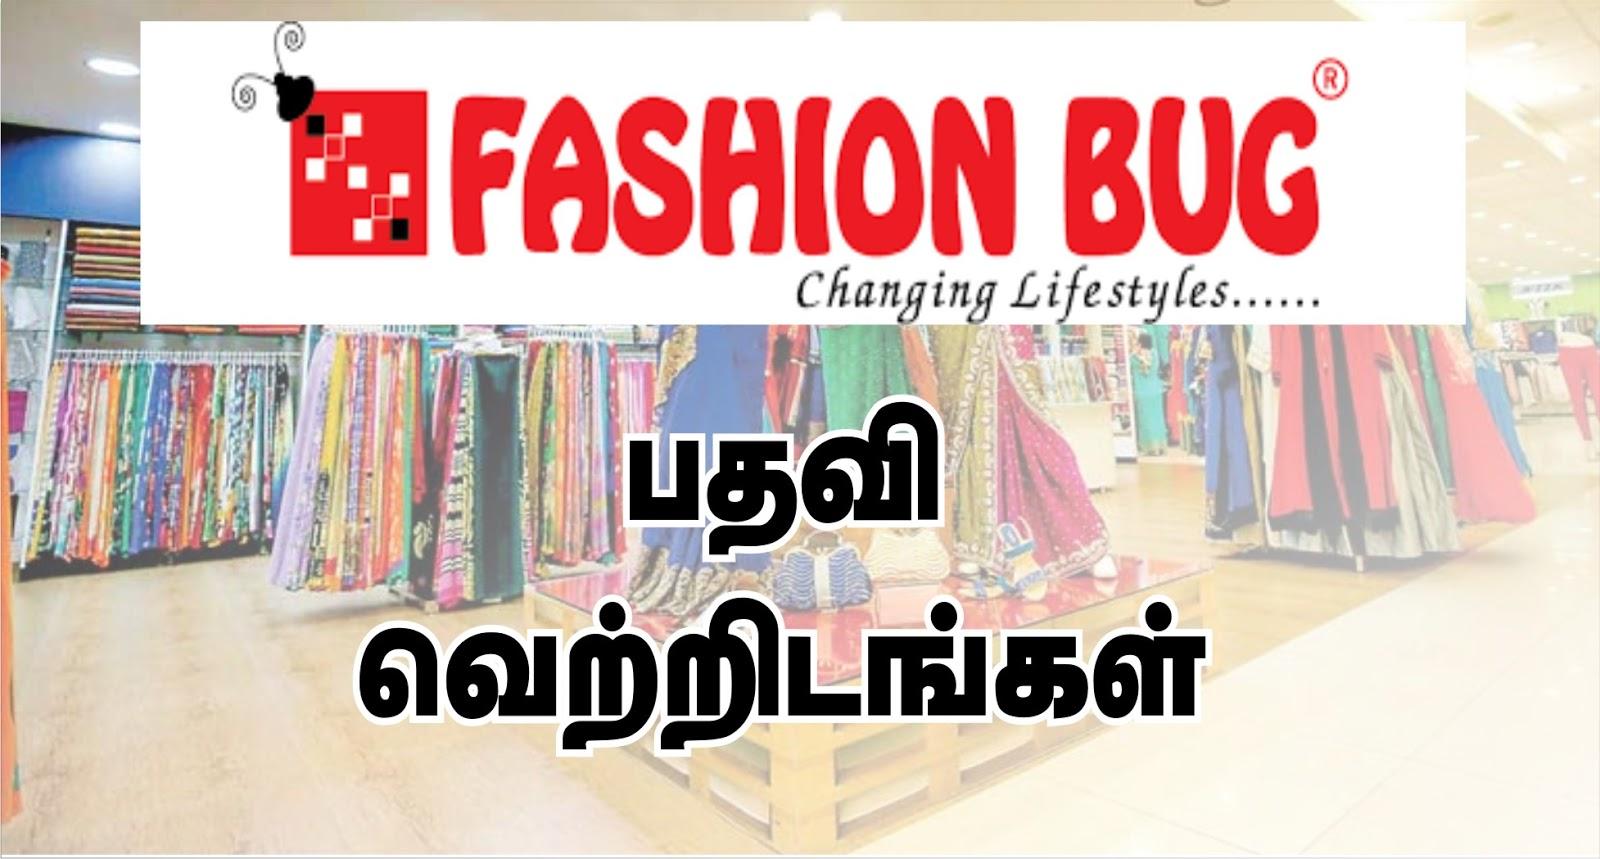 Is fashion bug closing 28